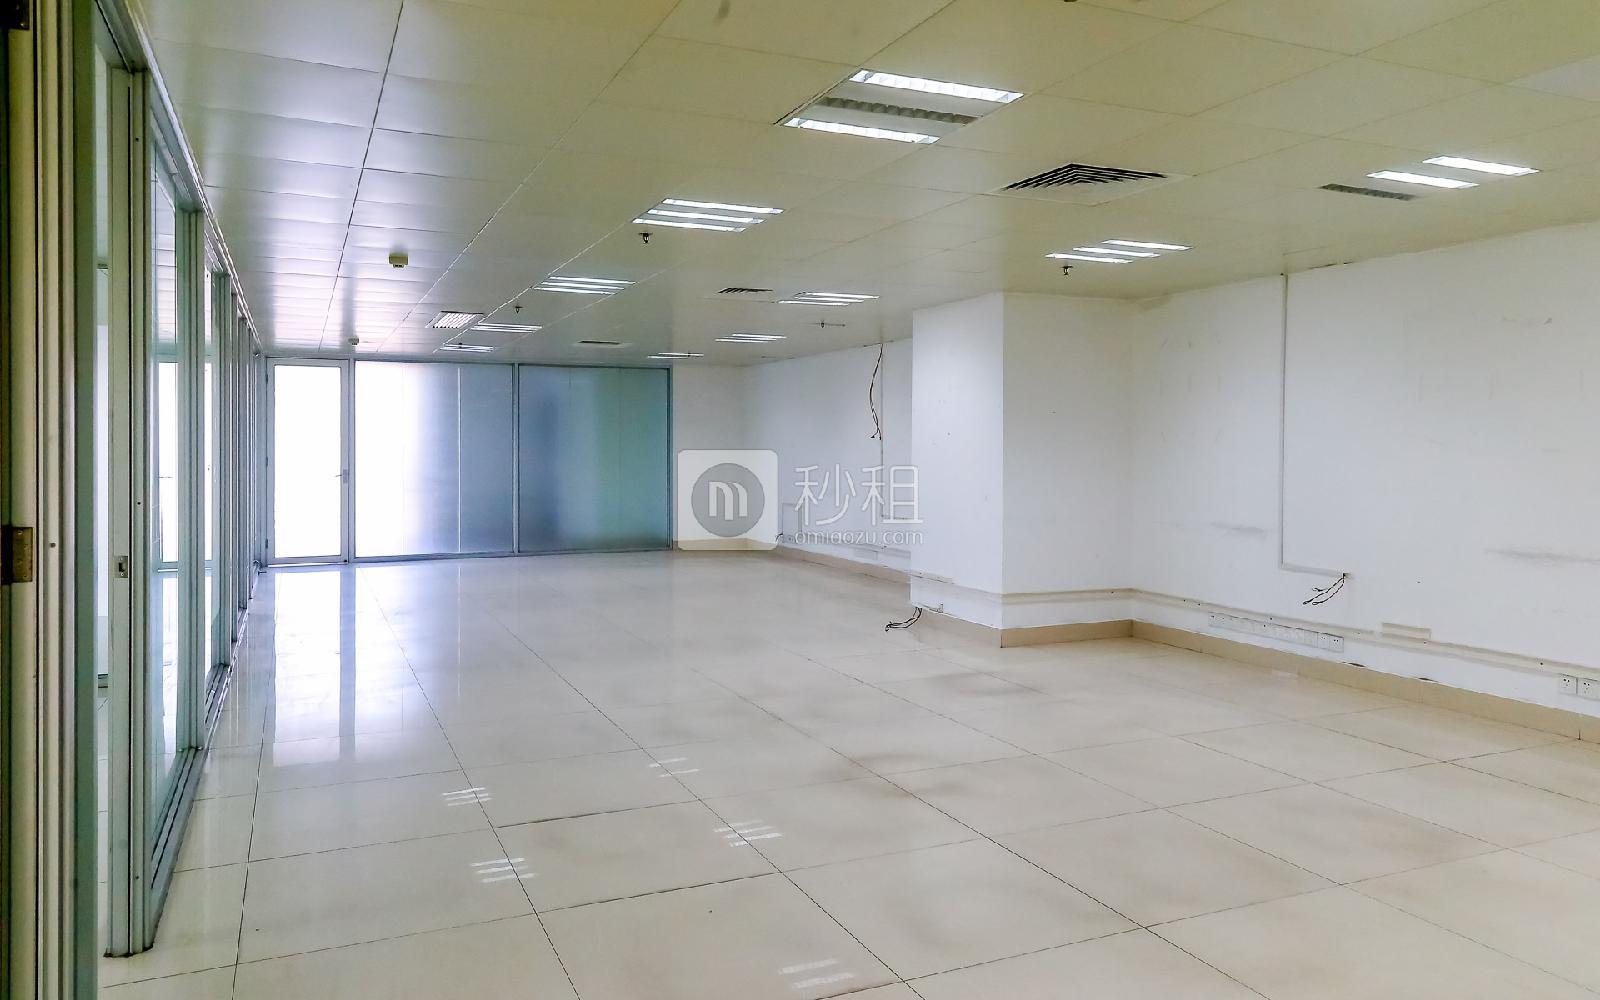 龙华-民治 展滔科技大厦 187m²